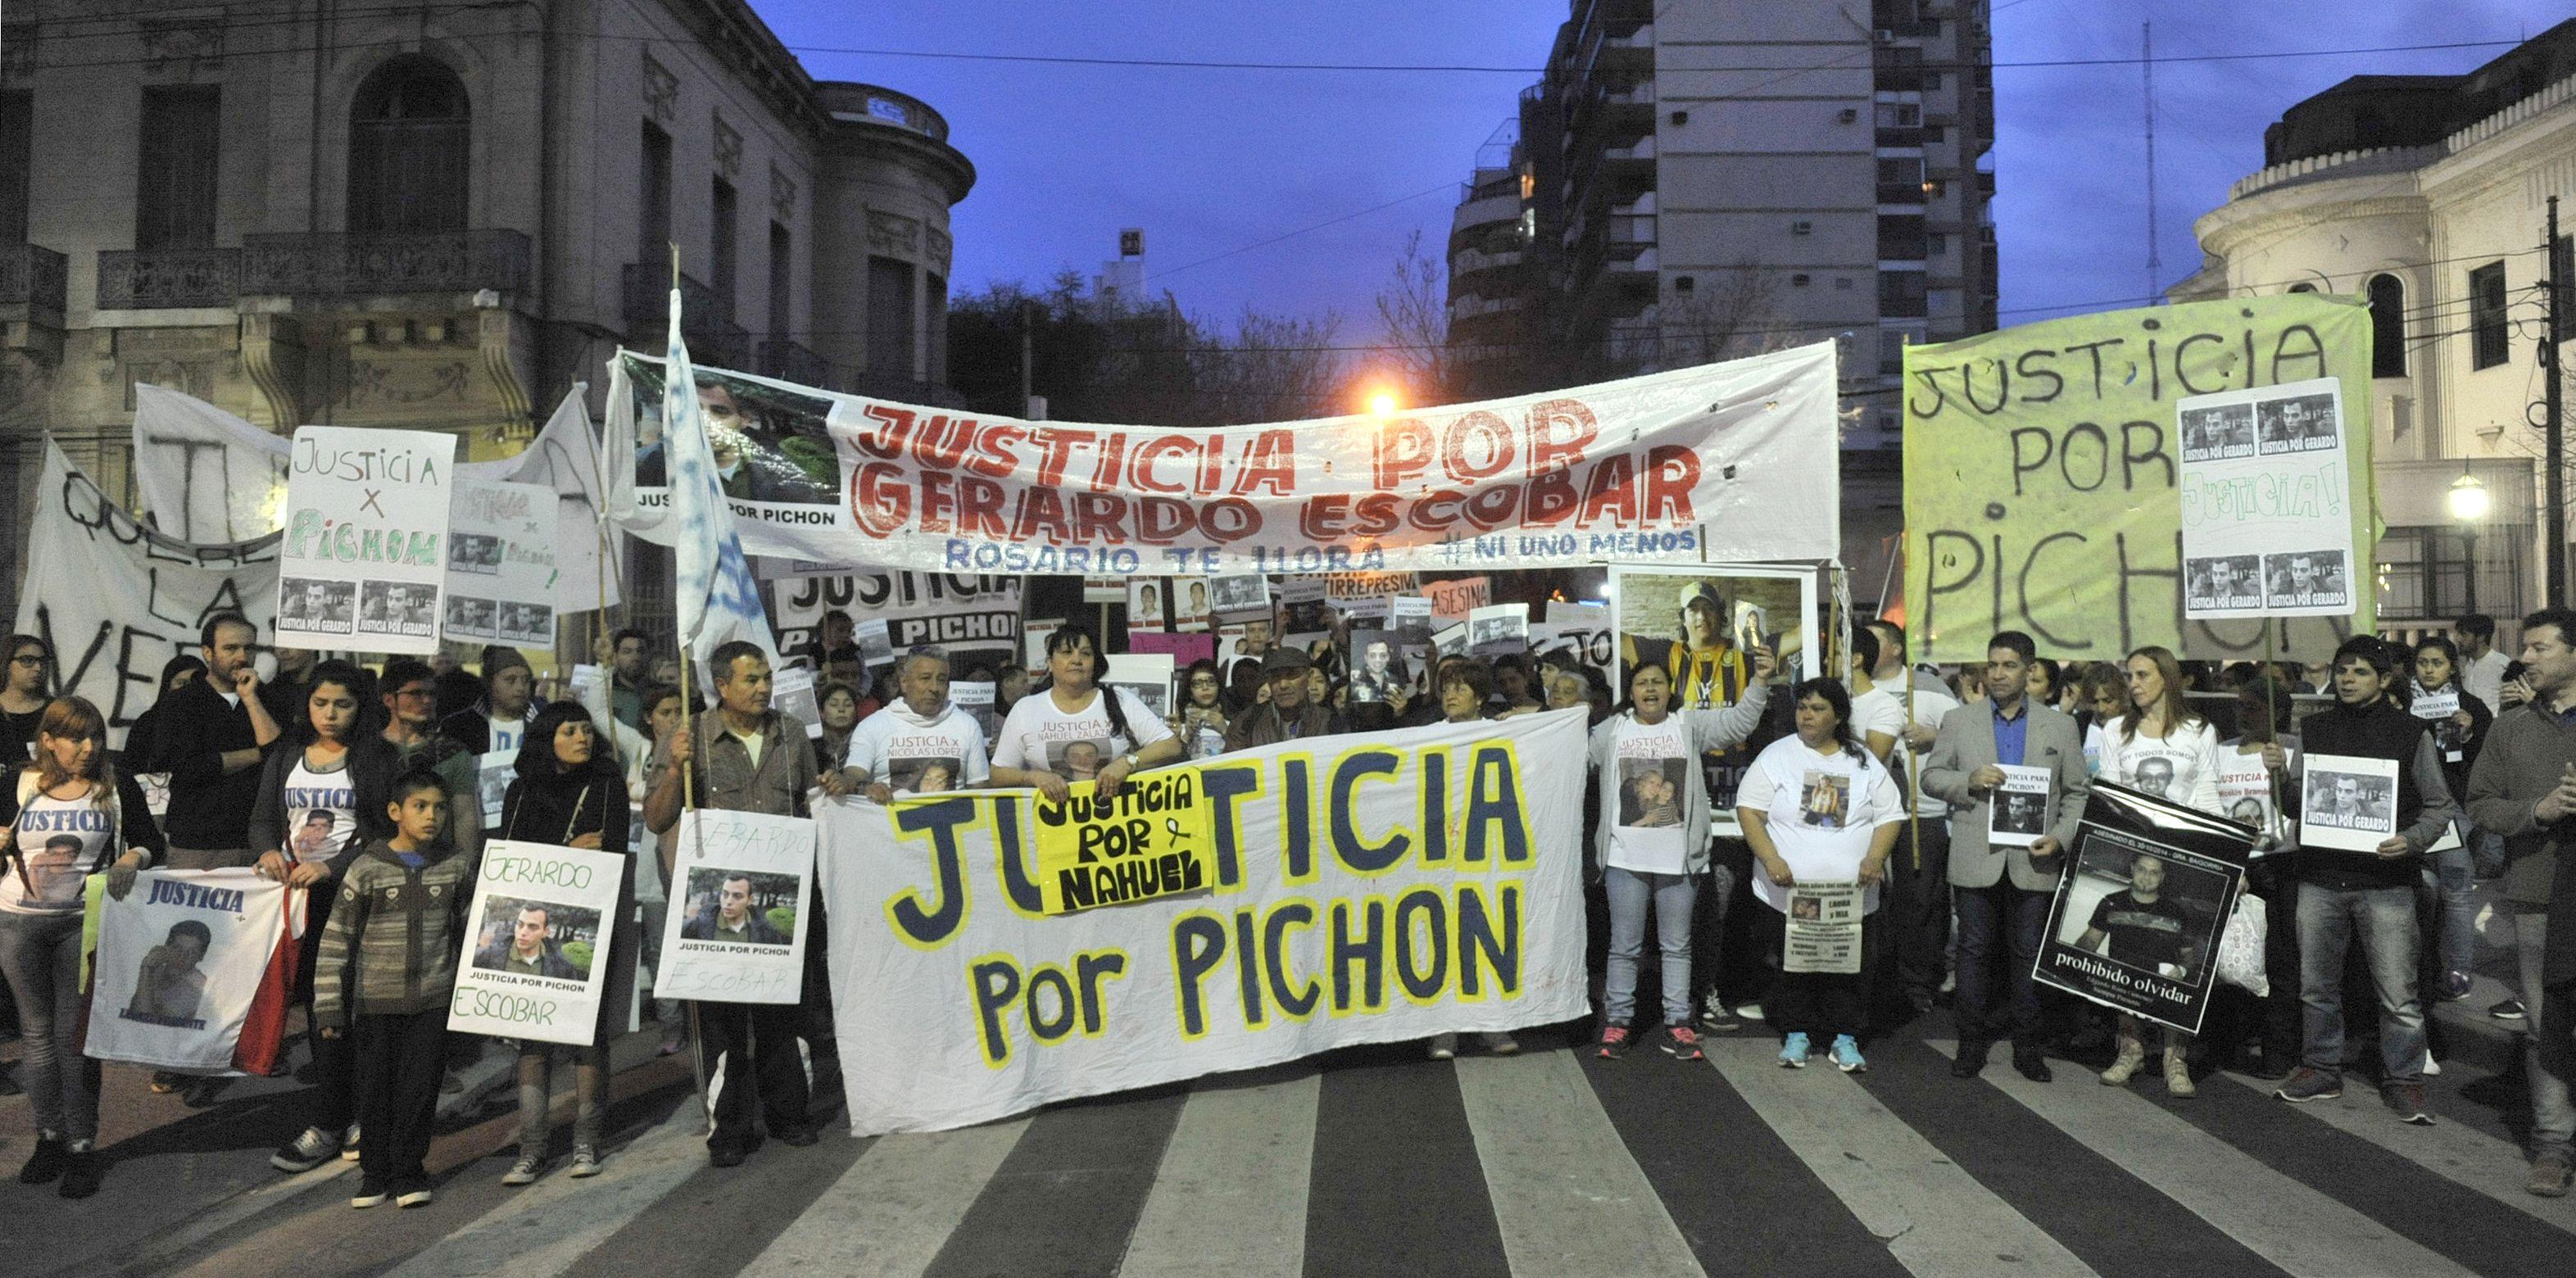 reclamo. Varias marchas pidieron justicia por la muerte de Gerardo Escobar y el cambio de fuero que ahora se concreta.